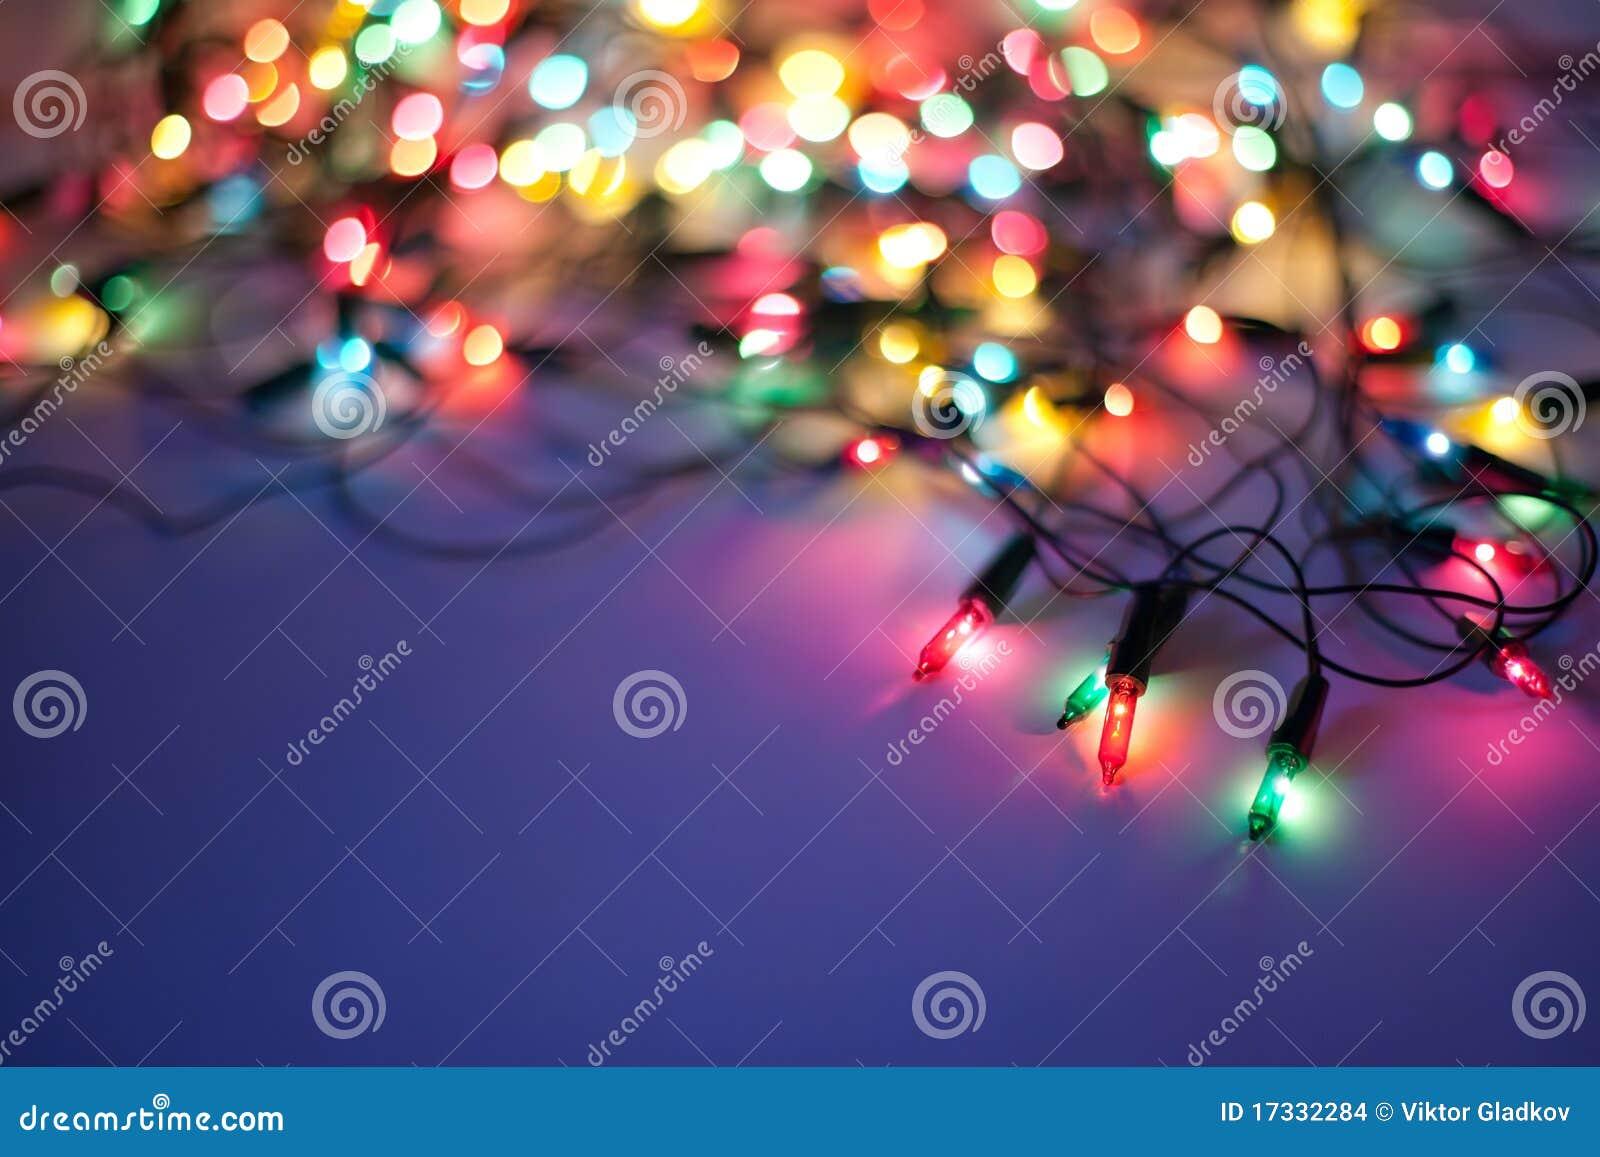 Luzes de Natal na obscuridade - fundo azul